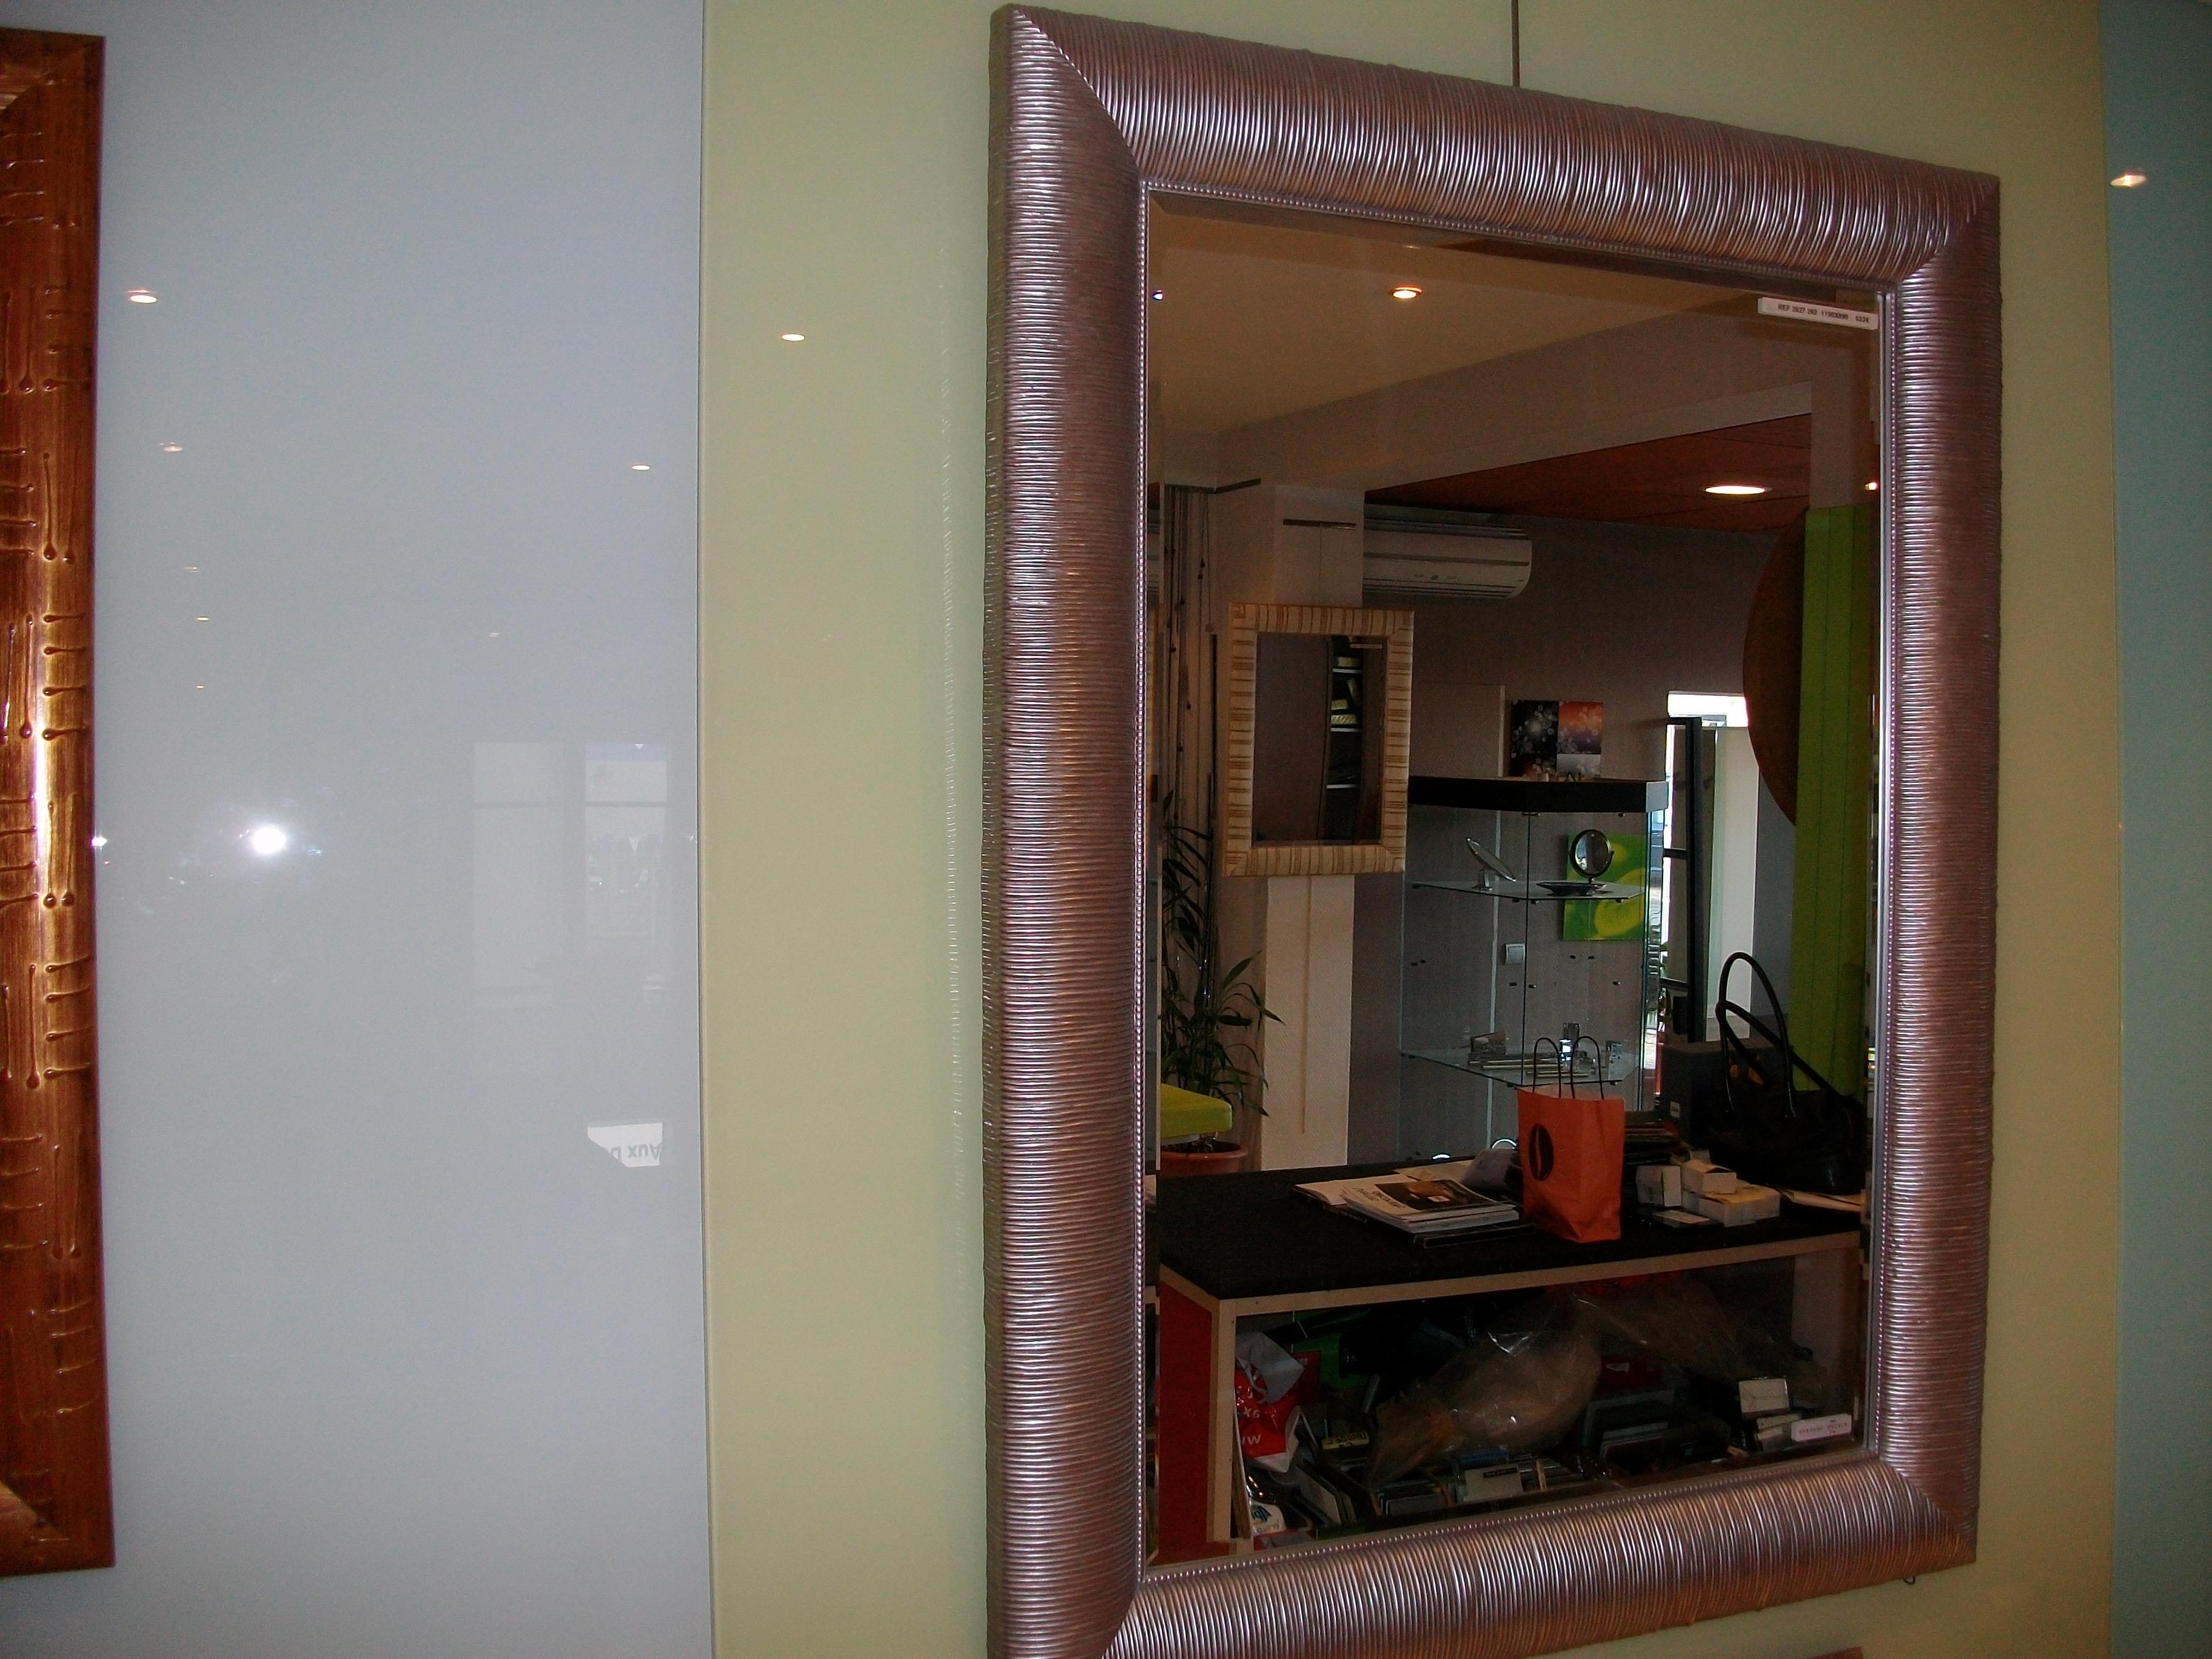 Un miroir encadré : une belle idée cadeau !